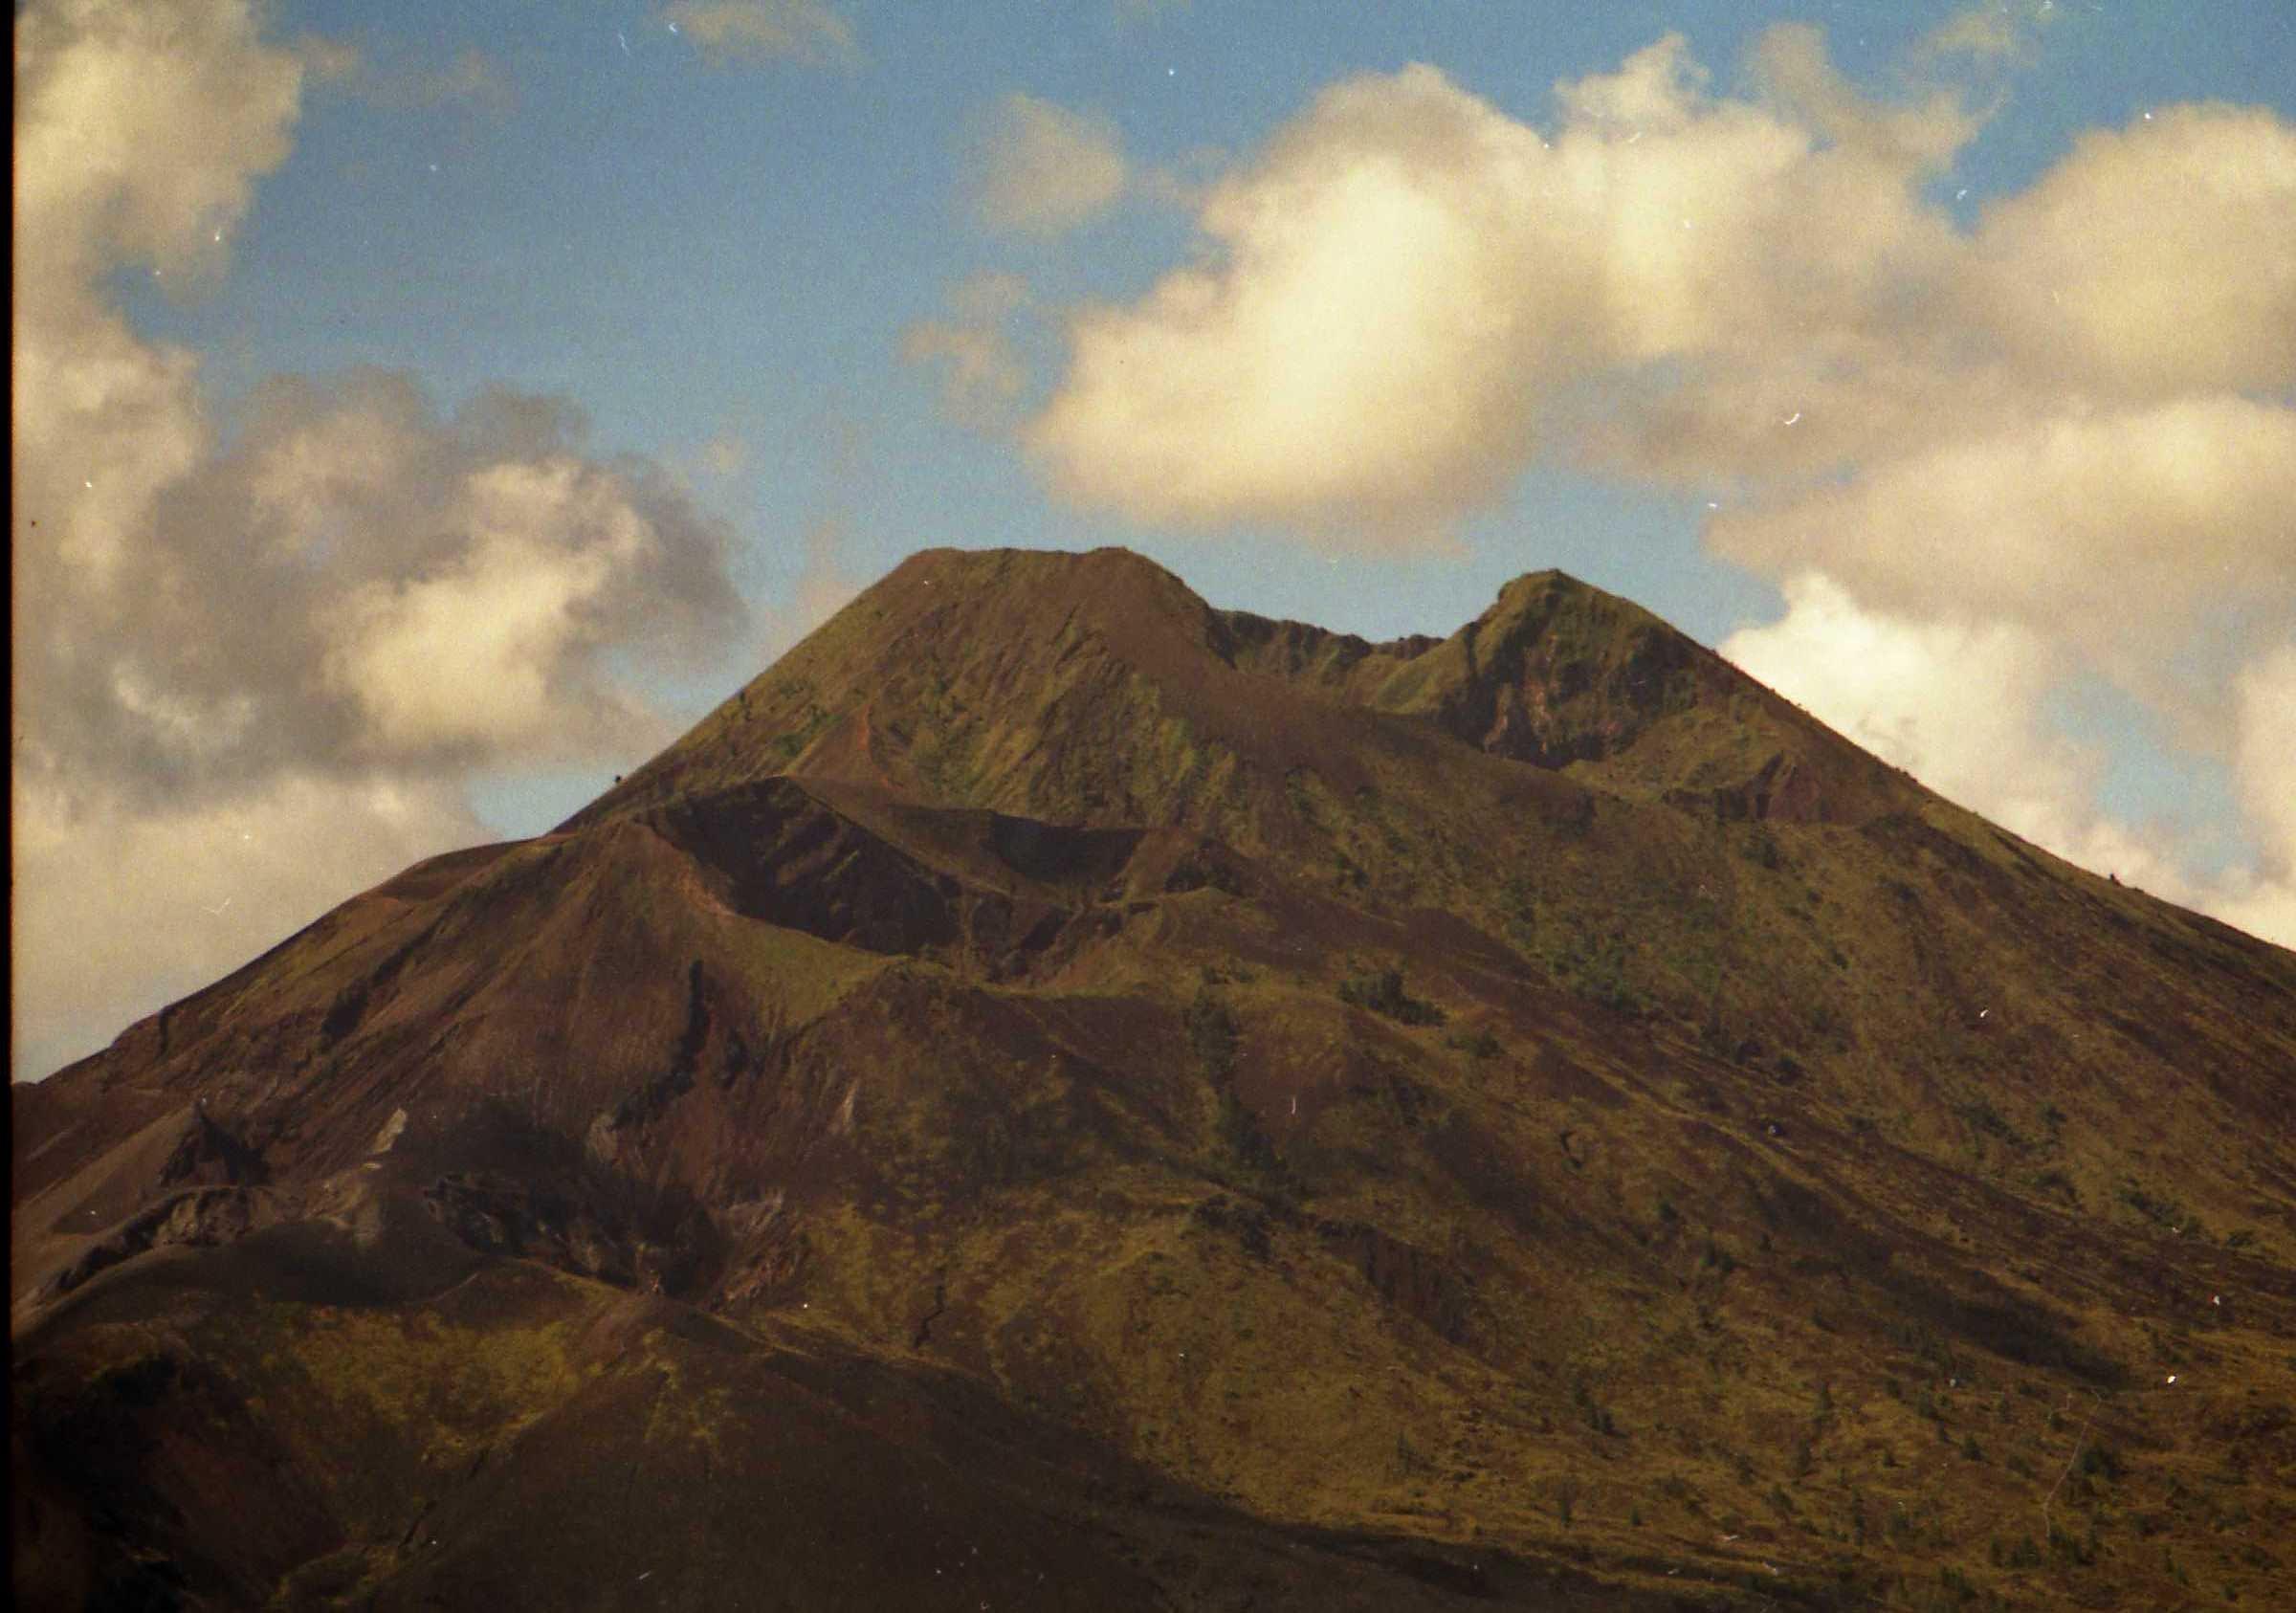 Vista del Monte Batur en Kintamani, Bali